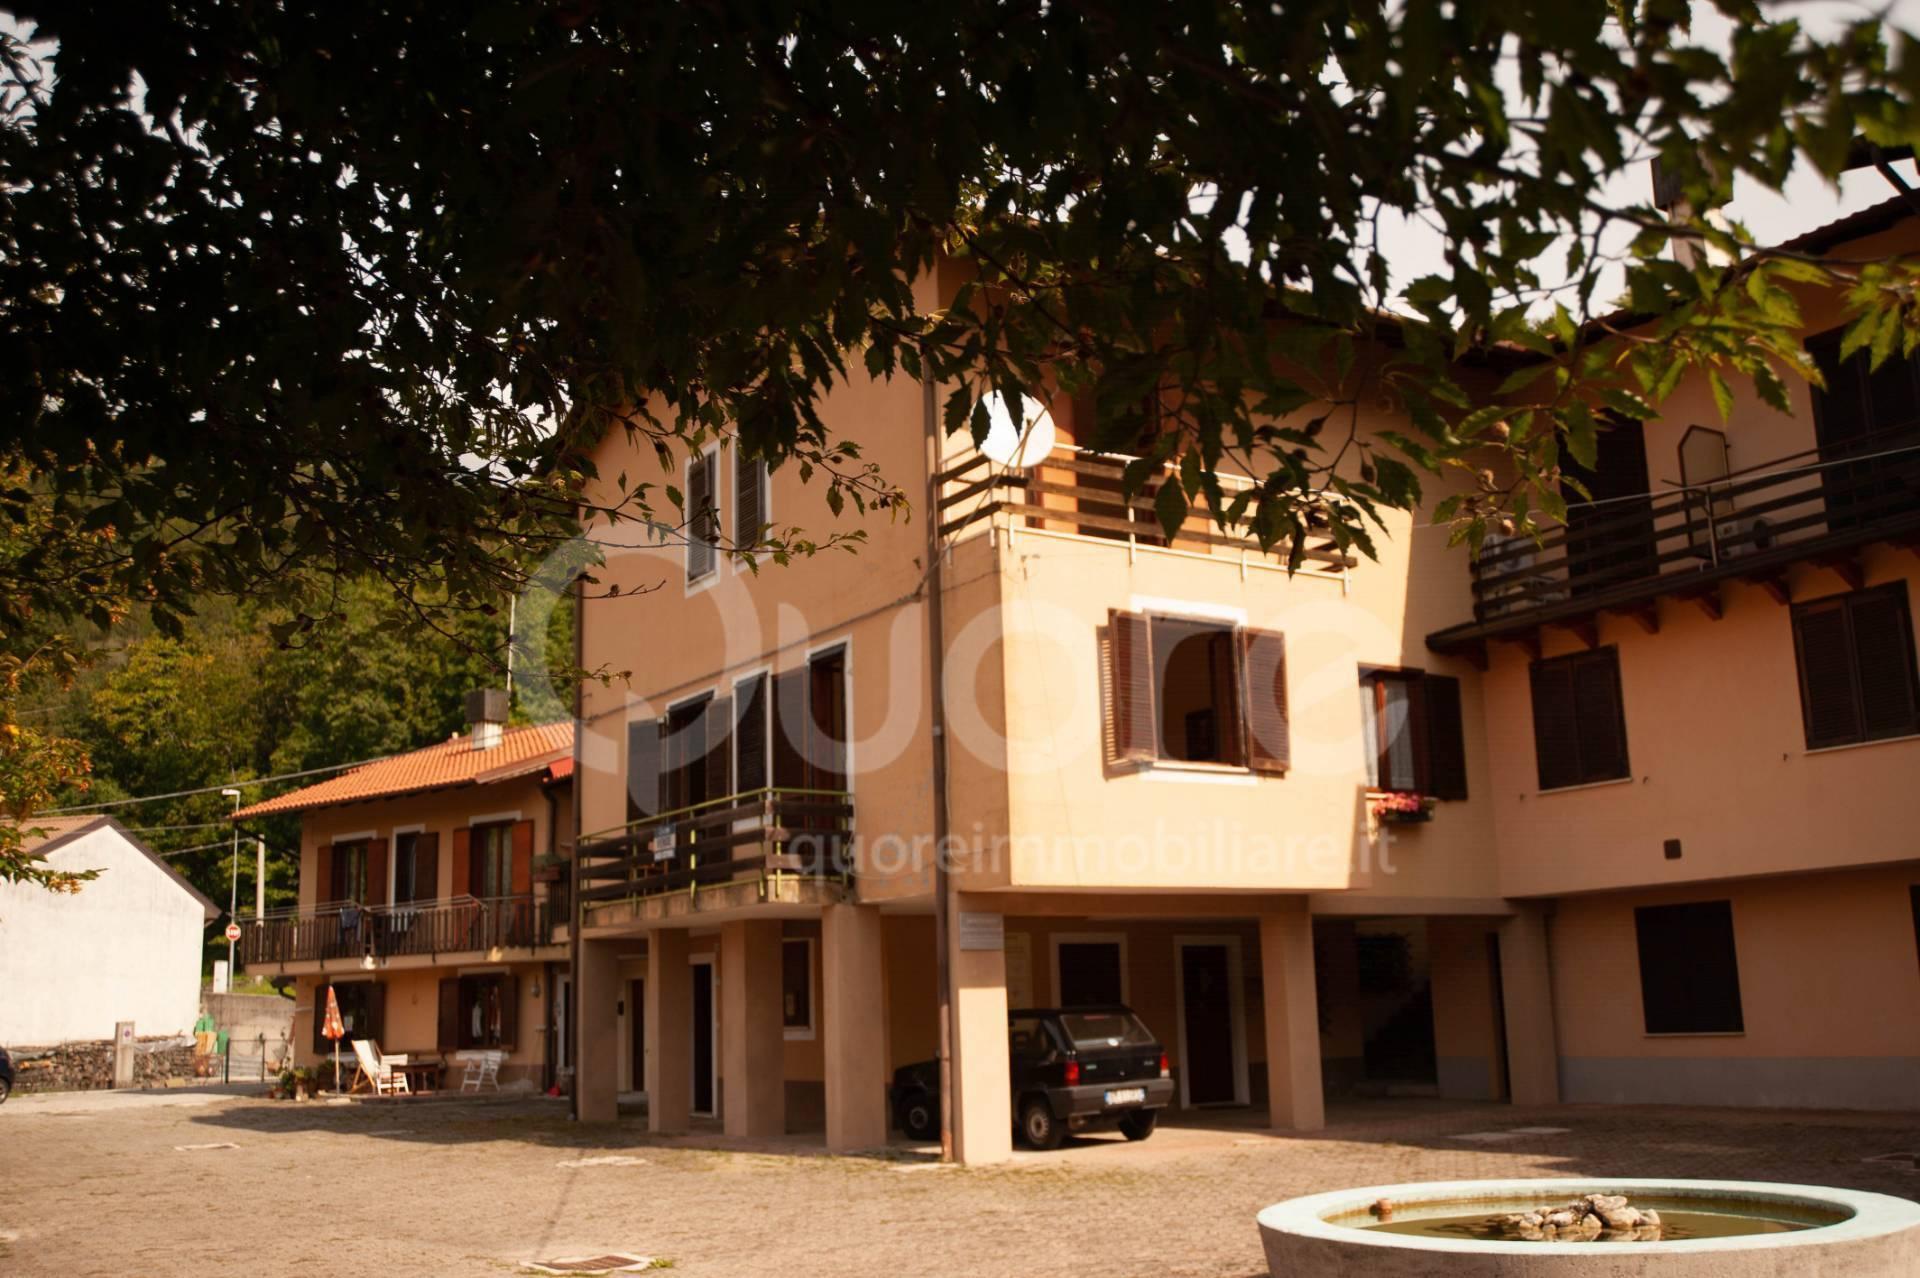 Soluzione Semindipendente in vendita a Montenars, 4 locali, zona Zona: Flaipano, prezzo € 19.000 | CambioCasa.it